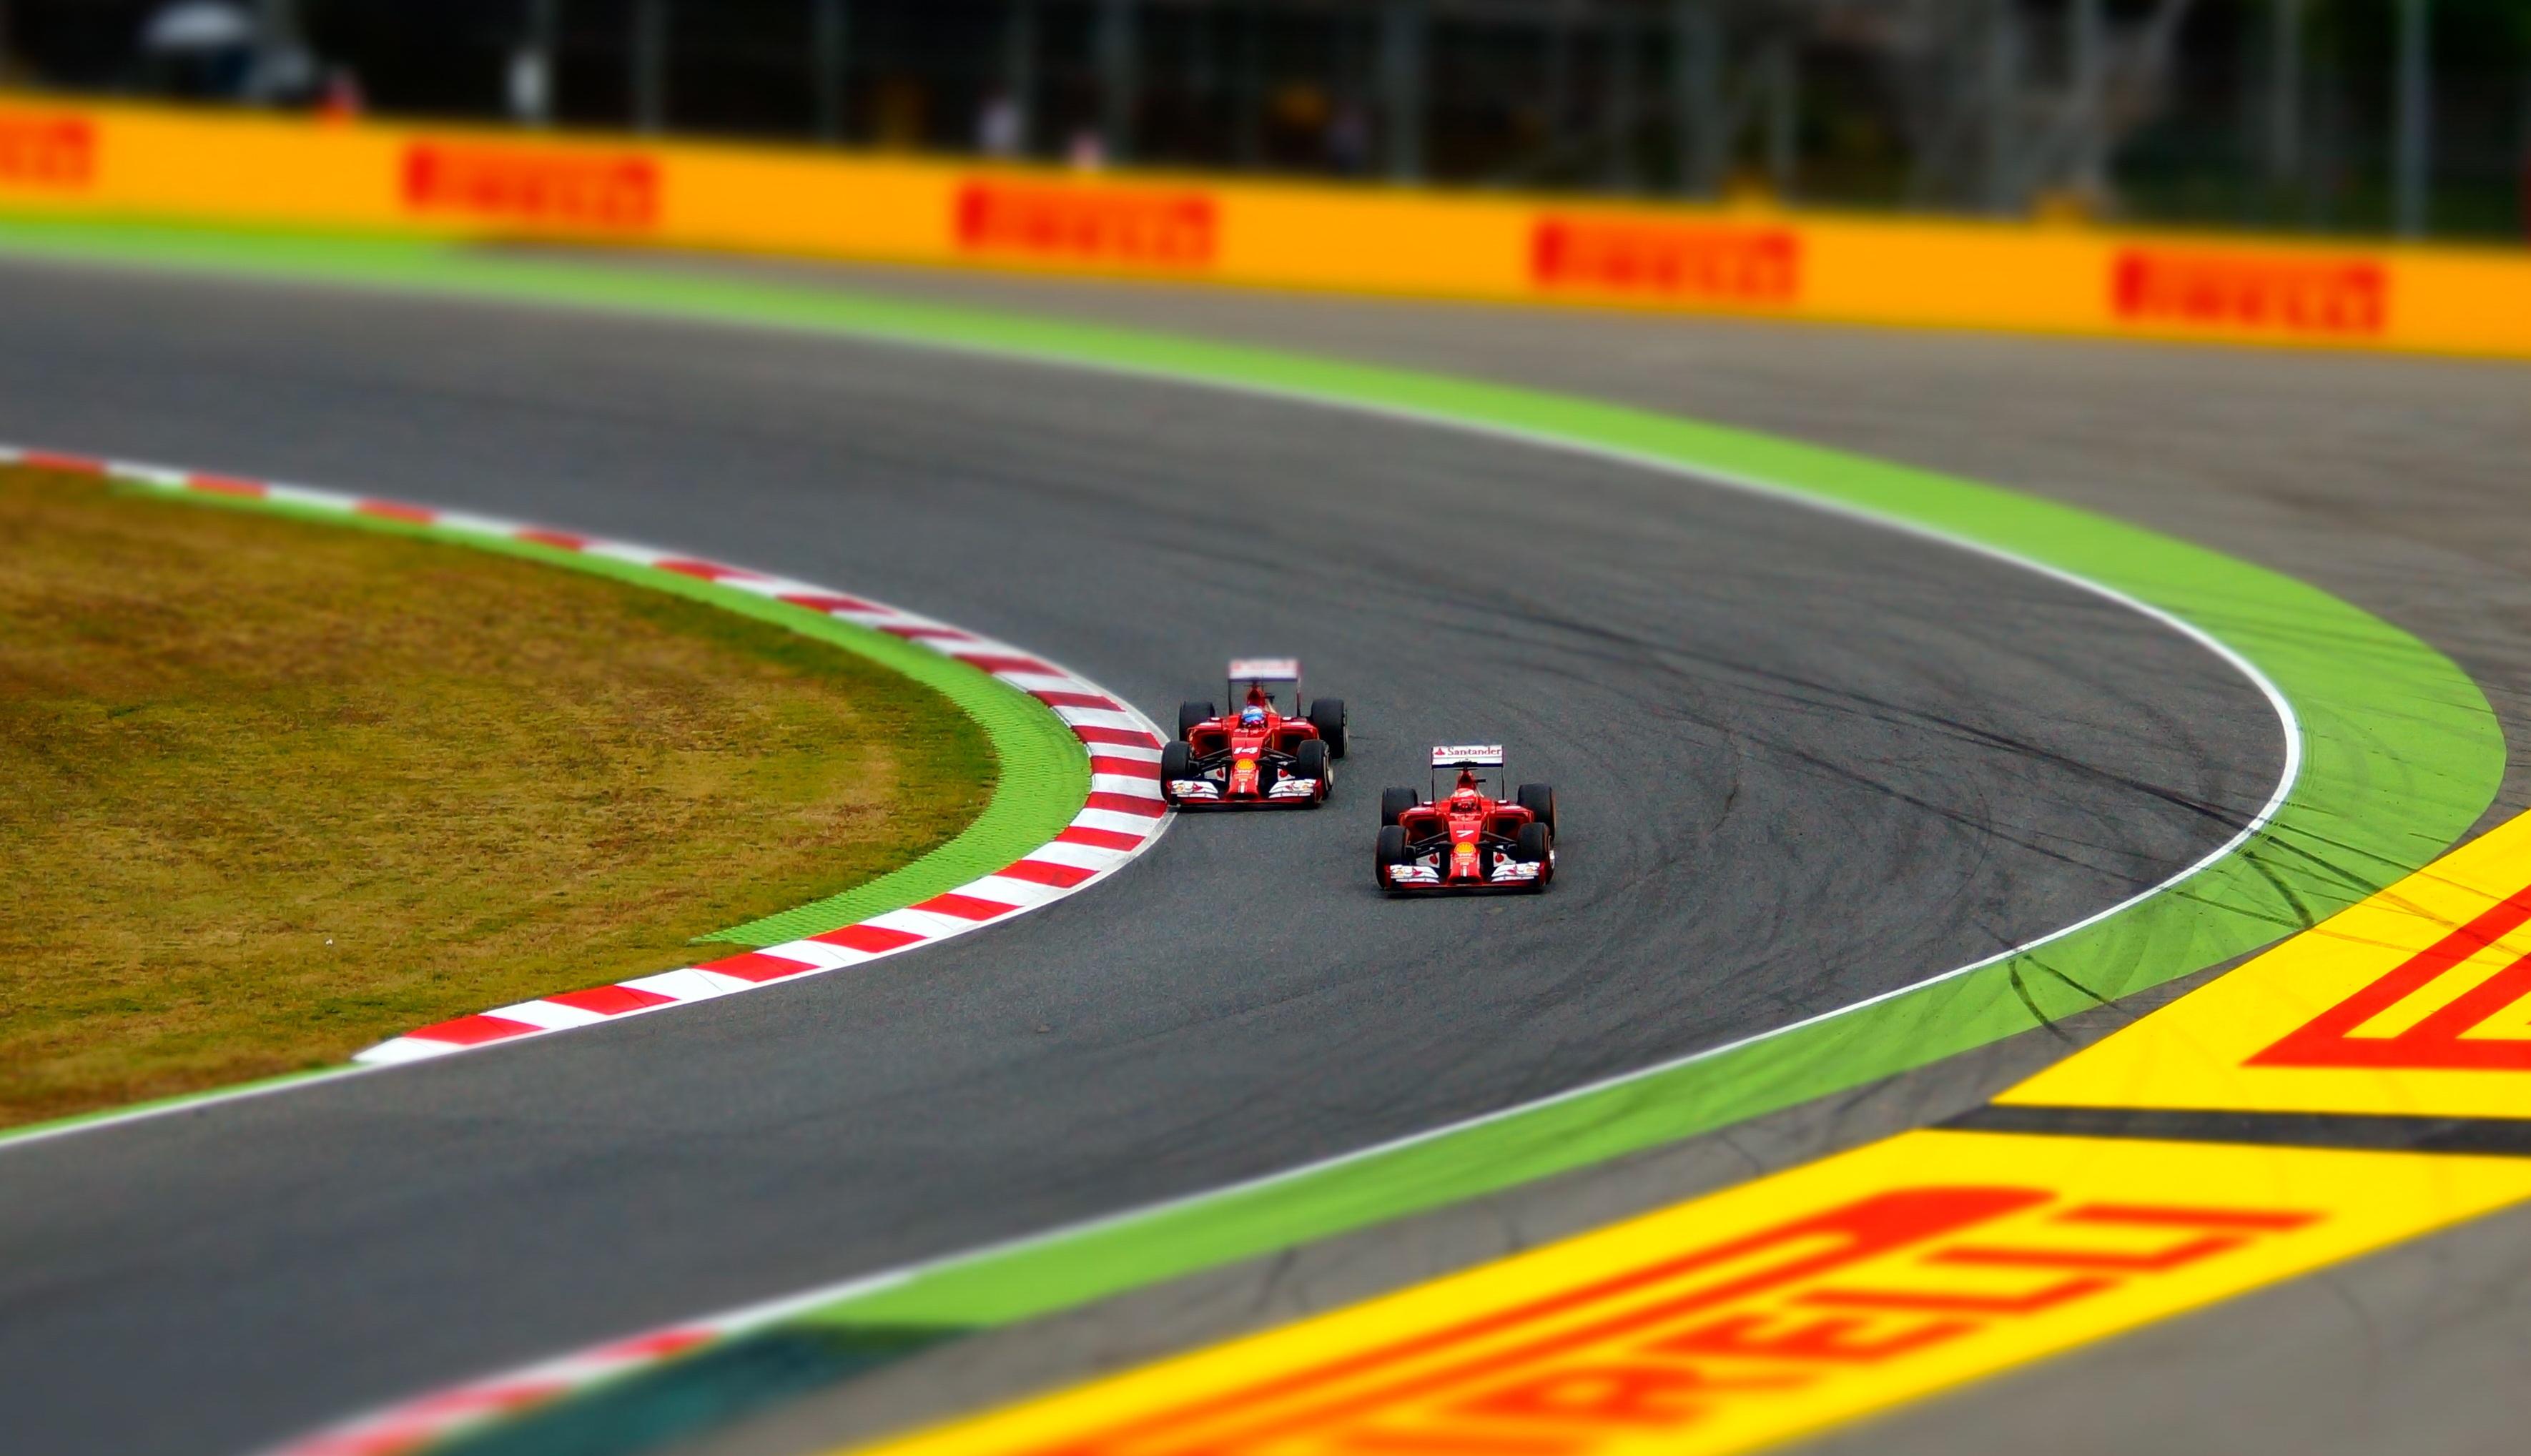 F1: Na Espanha, Hamilton busca abrir vantagem no campeonato